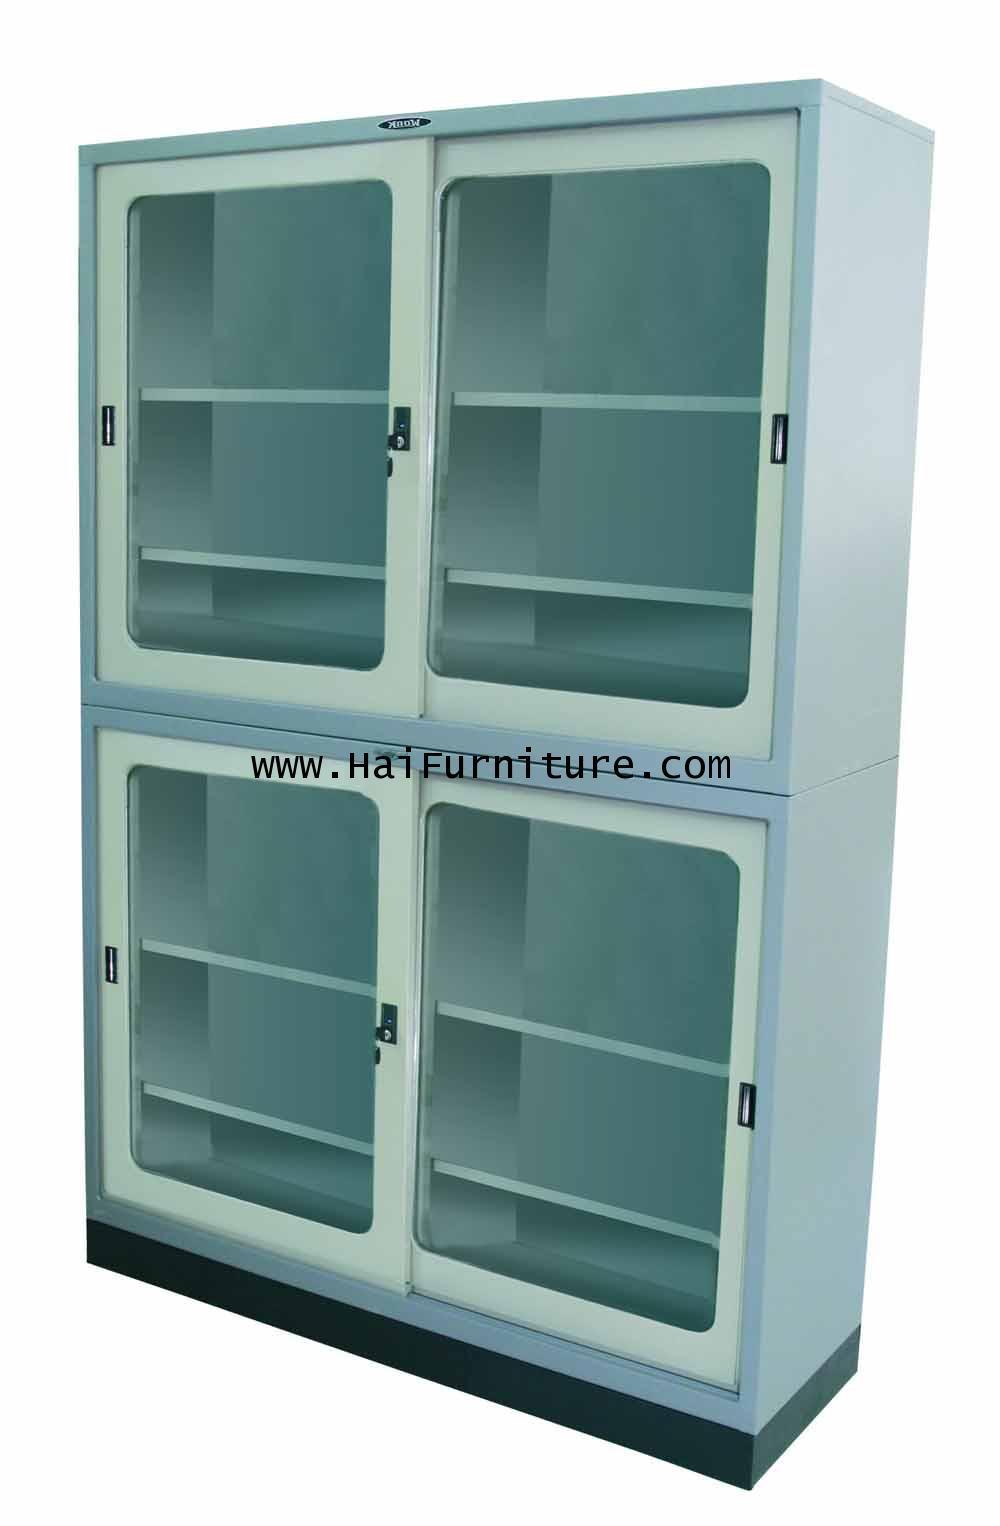 ชุดตู้บานเลื่อนกระจก 4 ฟุต Elegant 124.8*40.6*87.8 cm